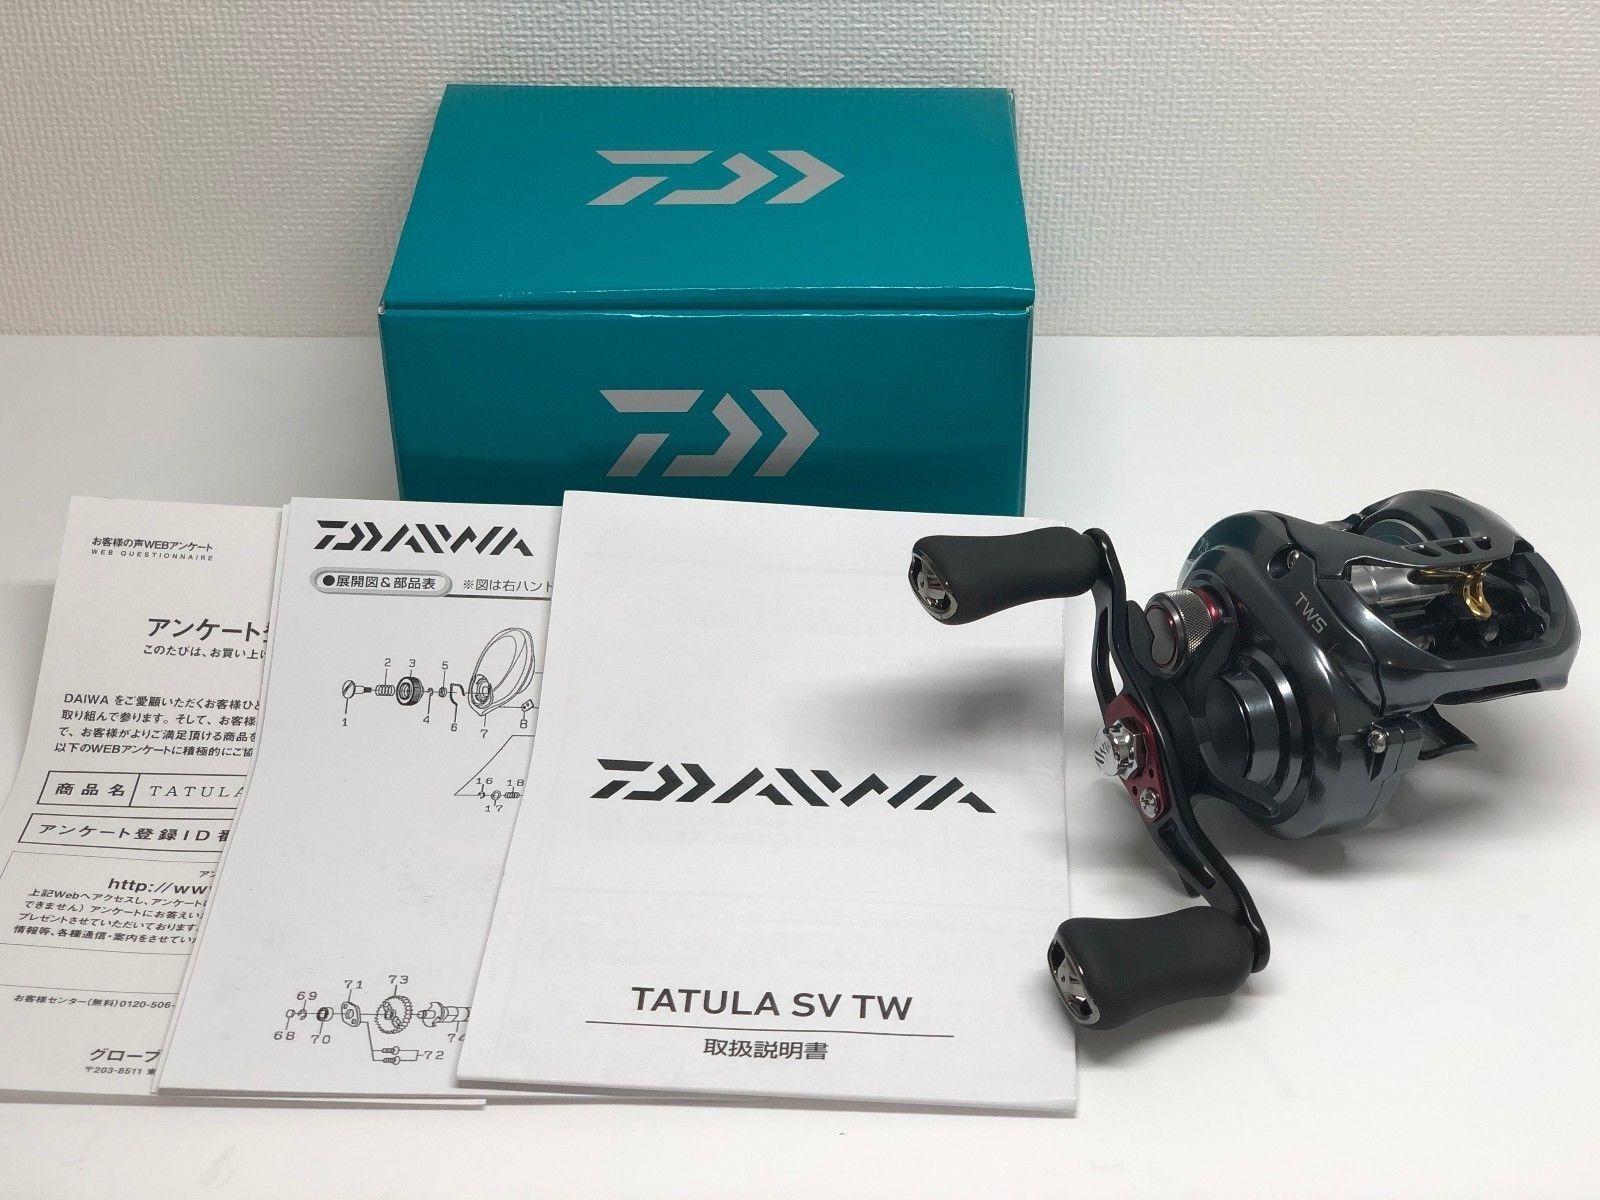 Daiwa Tatula 17 versión especial Tw 7.3R - Envío gratuito desde Japón